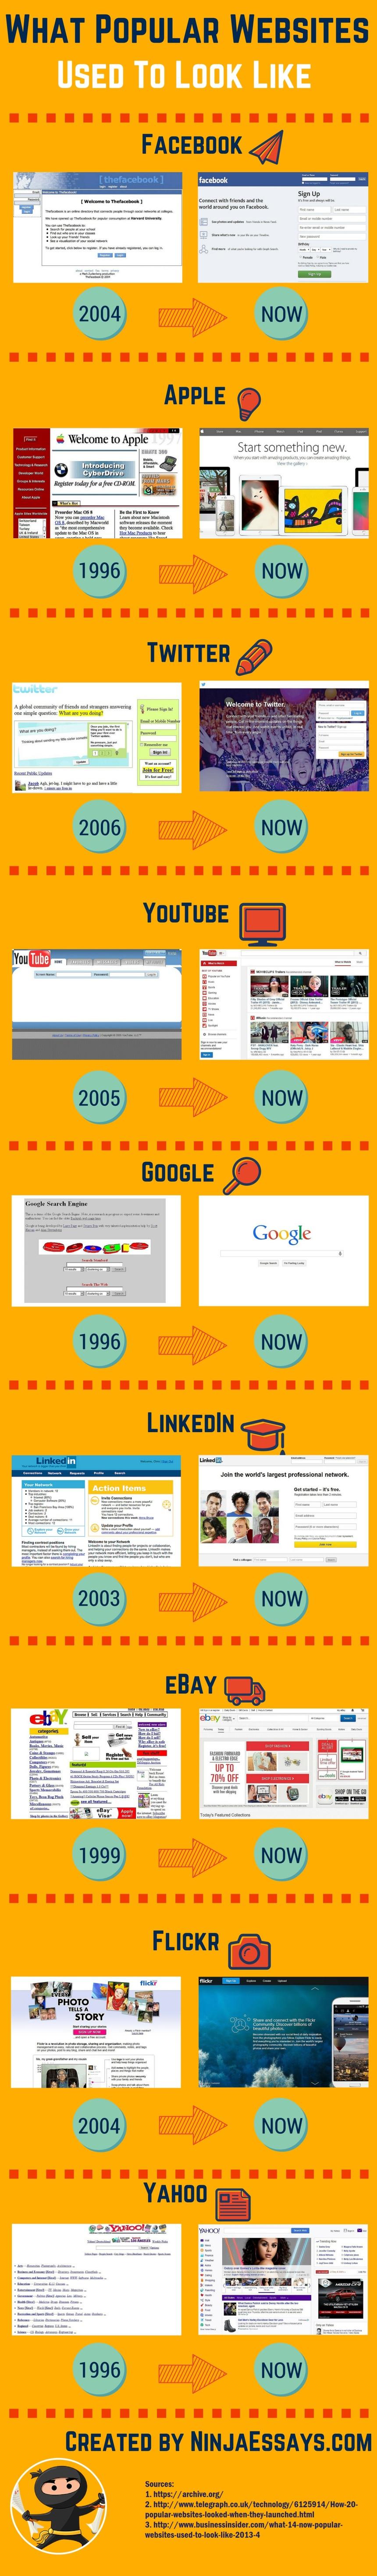 Cómo han cambiado algunas de las webs más famosas del Mundo